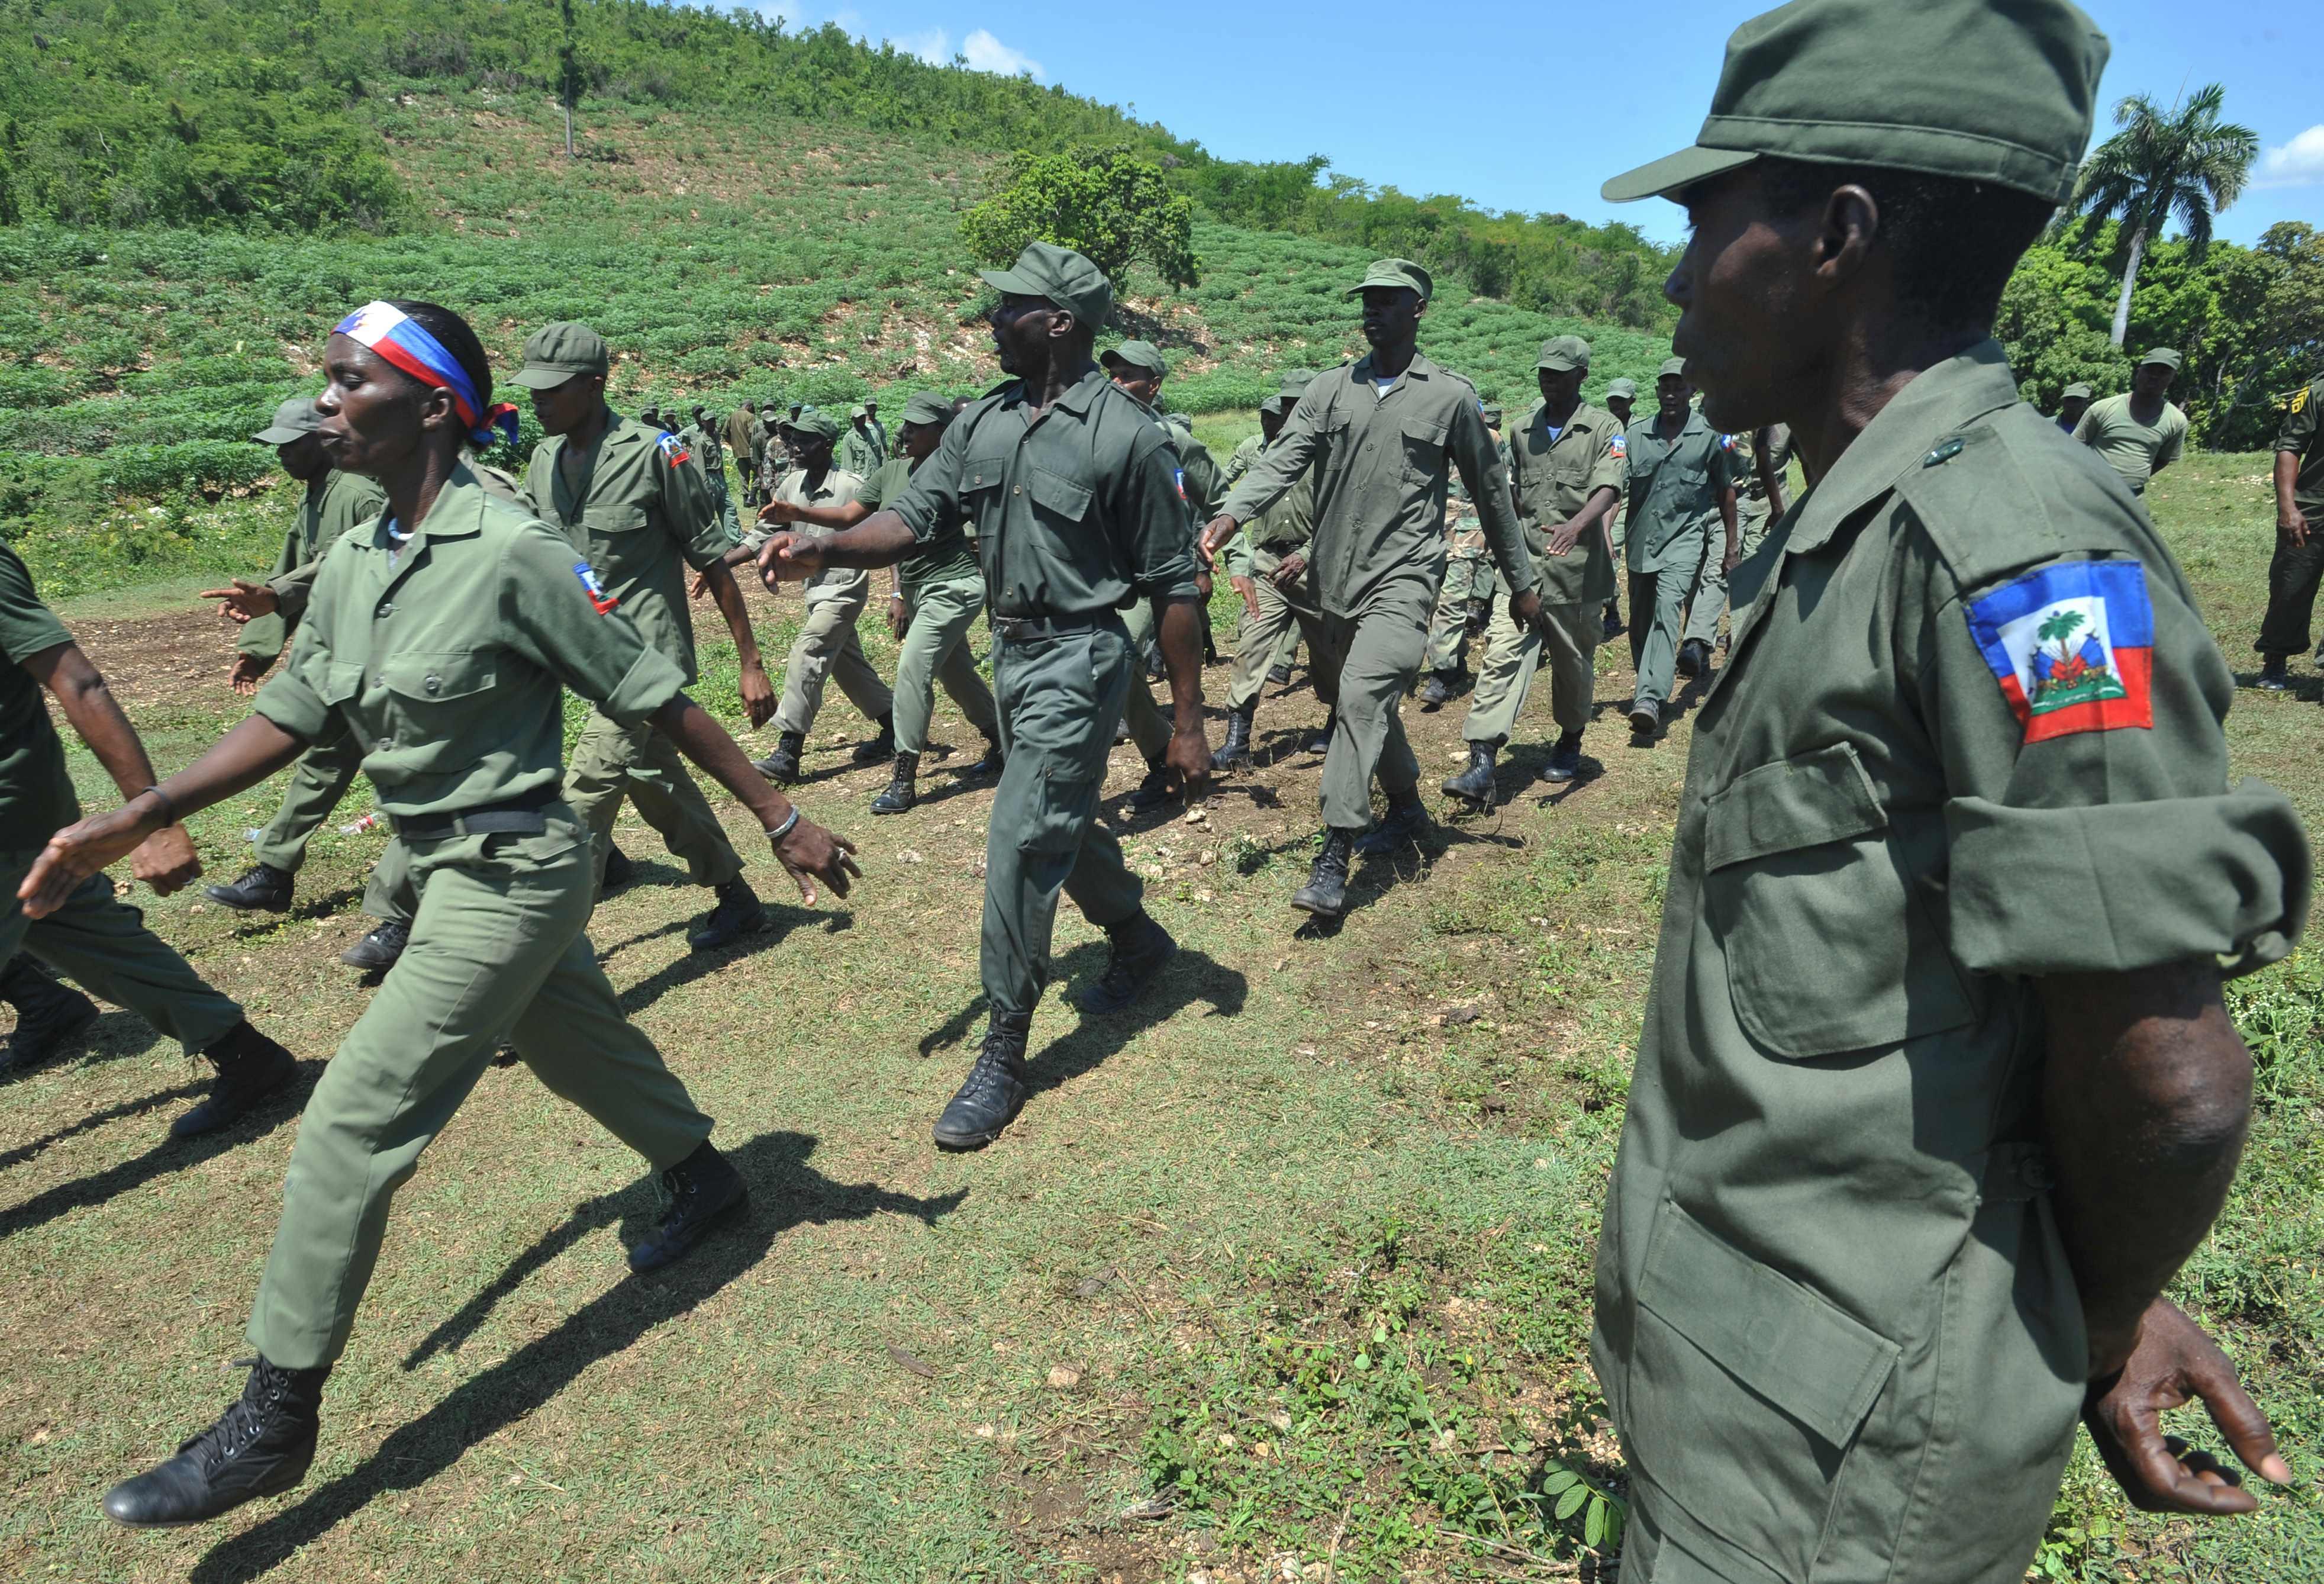 Haití resucita su fuerza armada, generando temores de represión